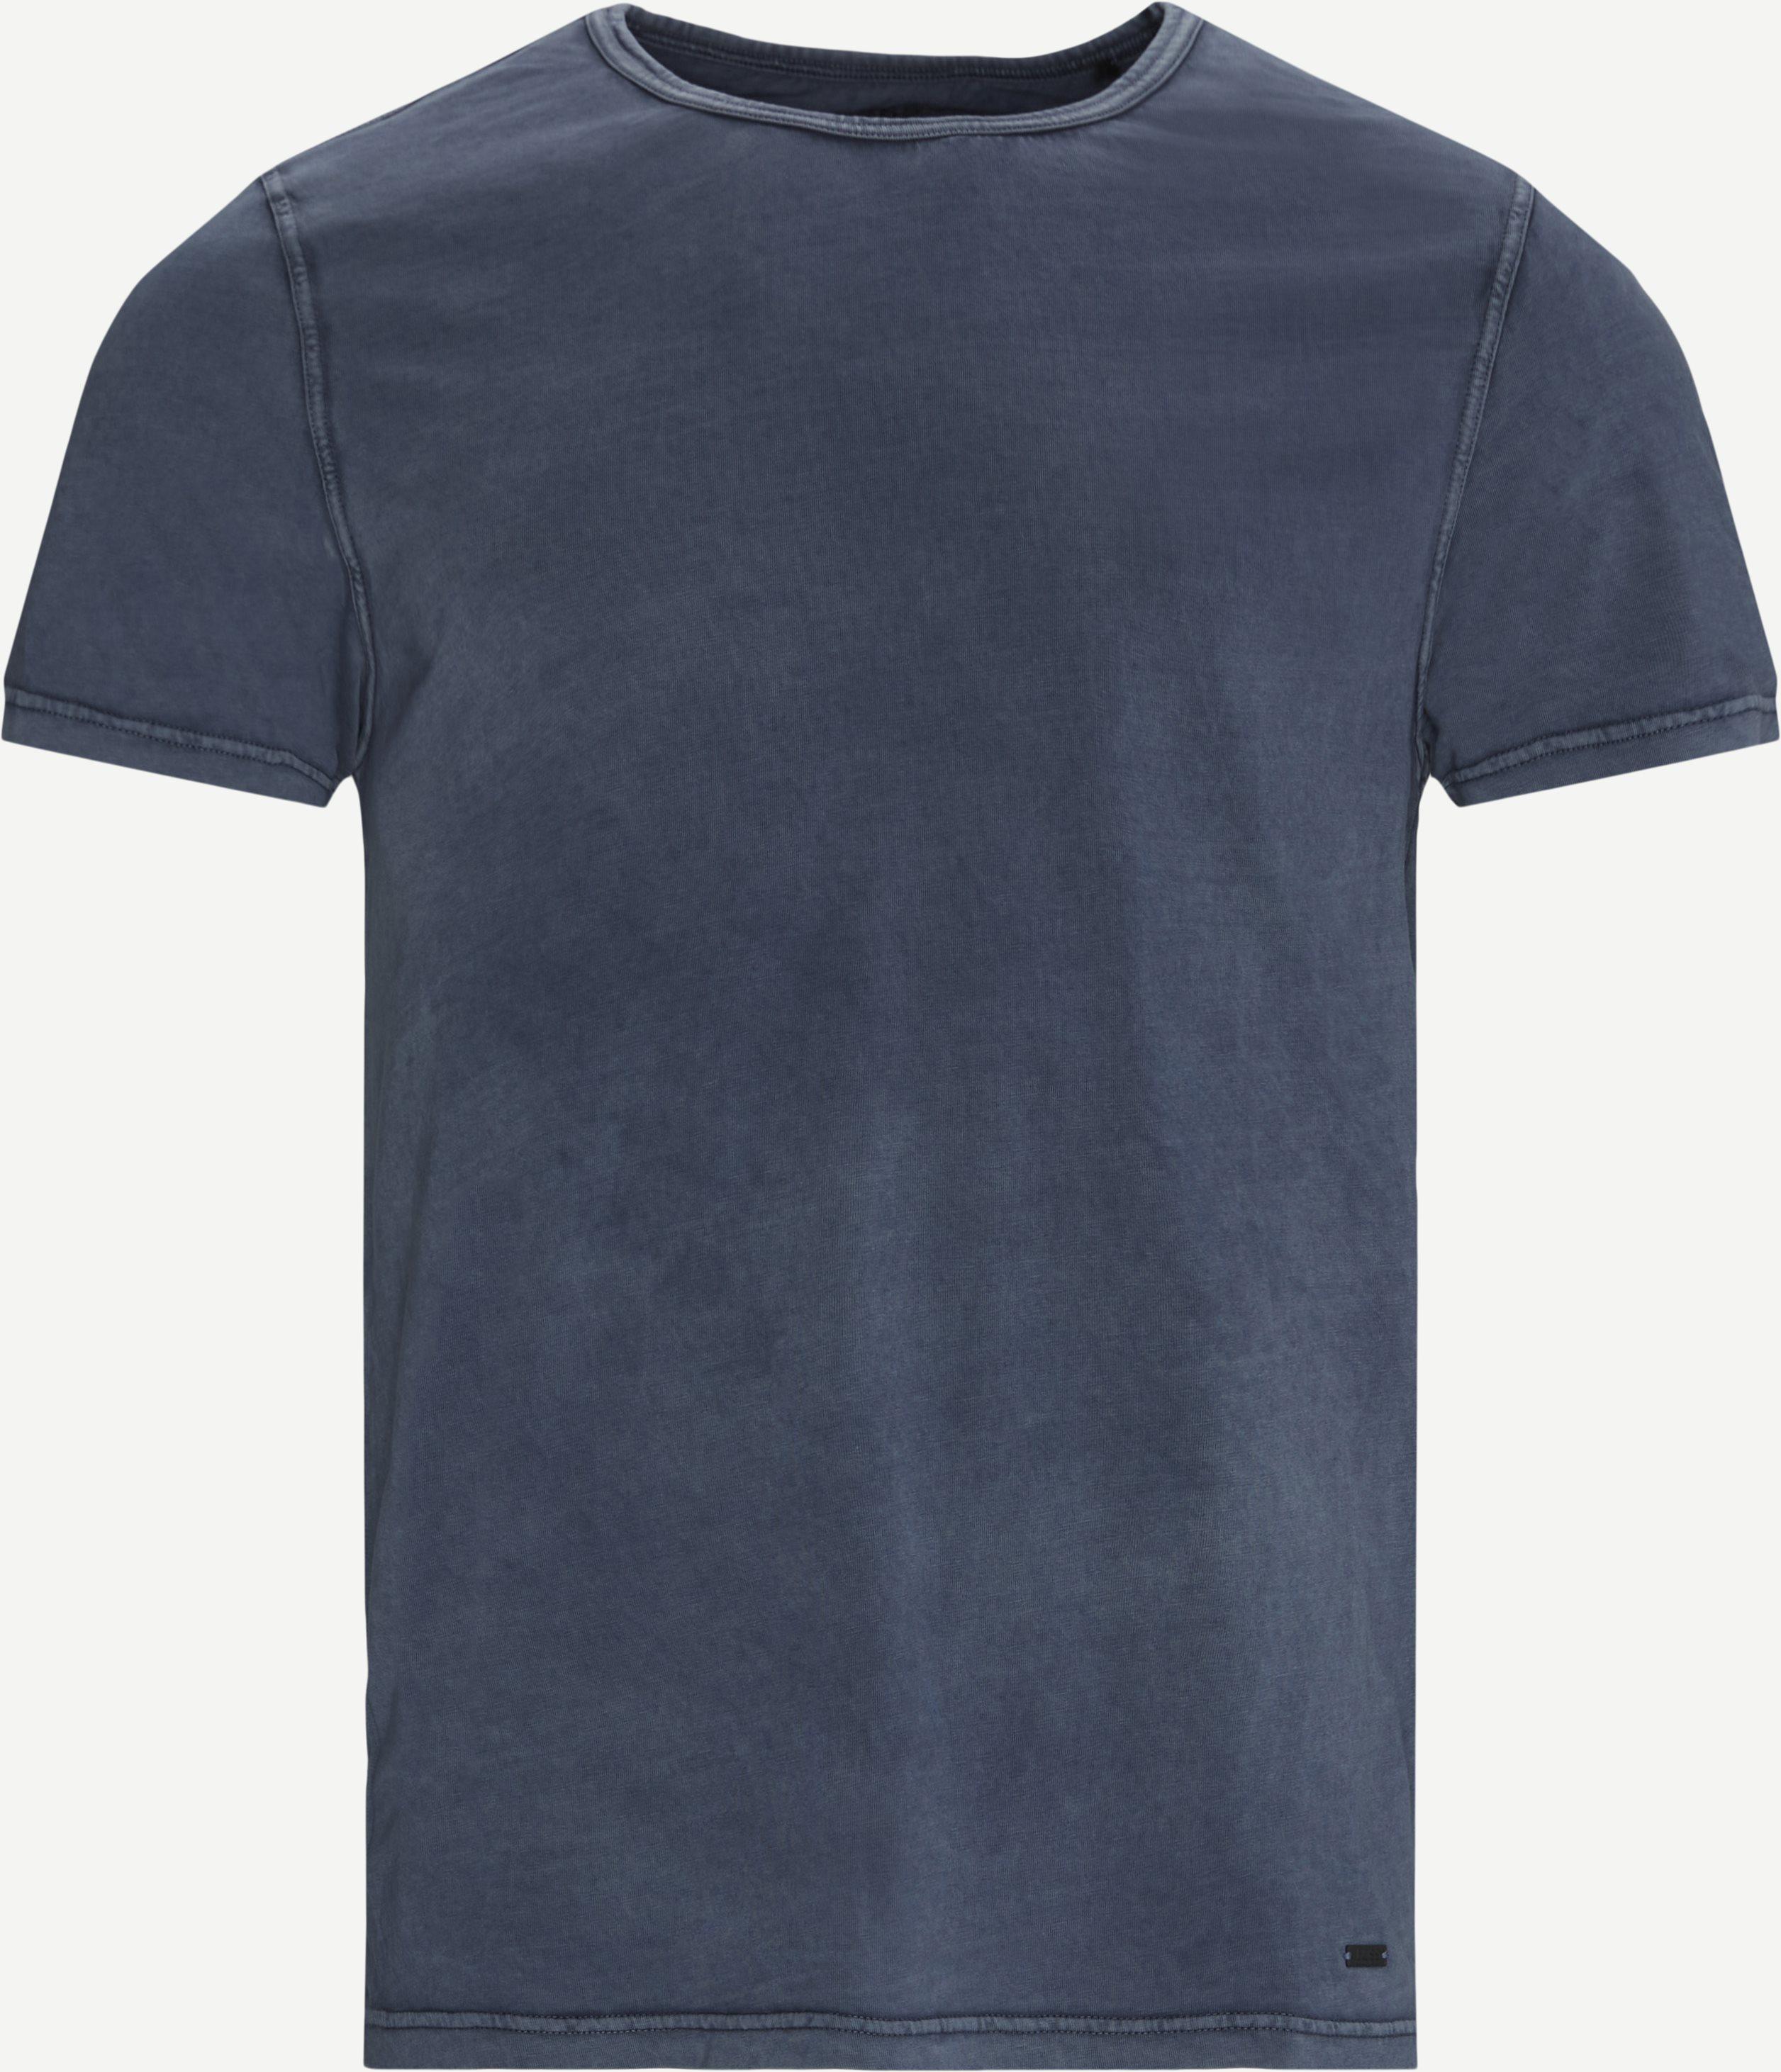 BOSS Casual T-shirt - T-shirts - Regular - Blå